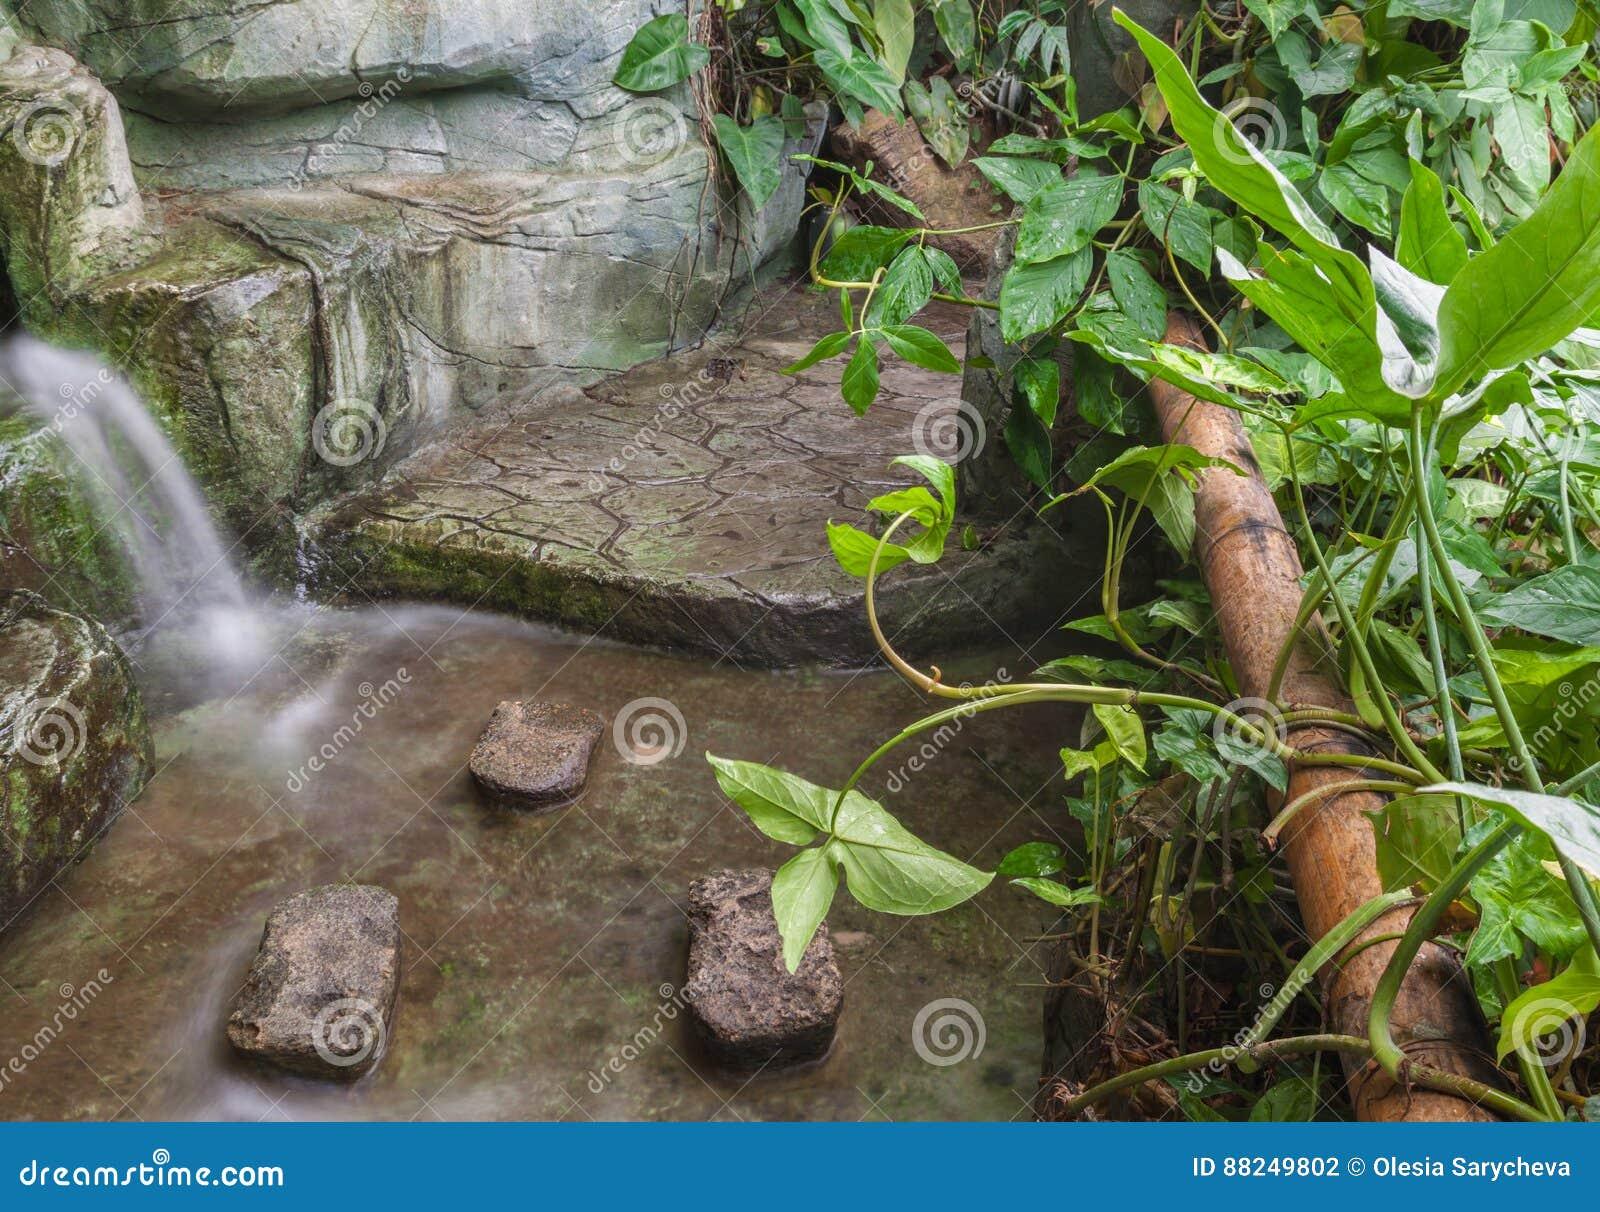 Tropische Zone Im Gewachshaus Stockfoto Bild Von Gewachshaus Pool